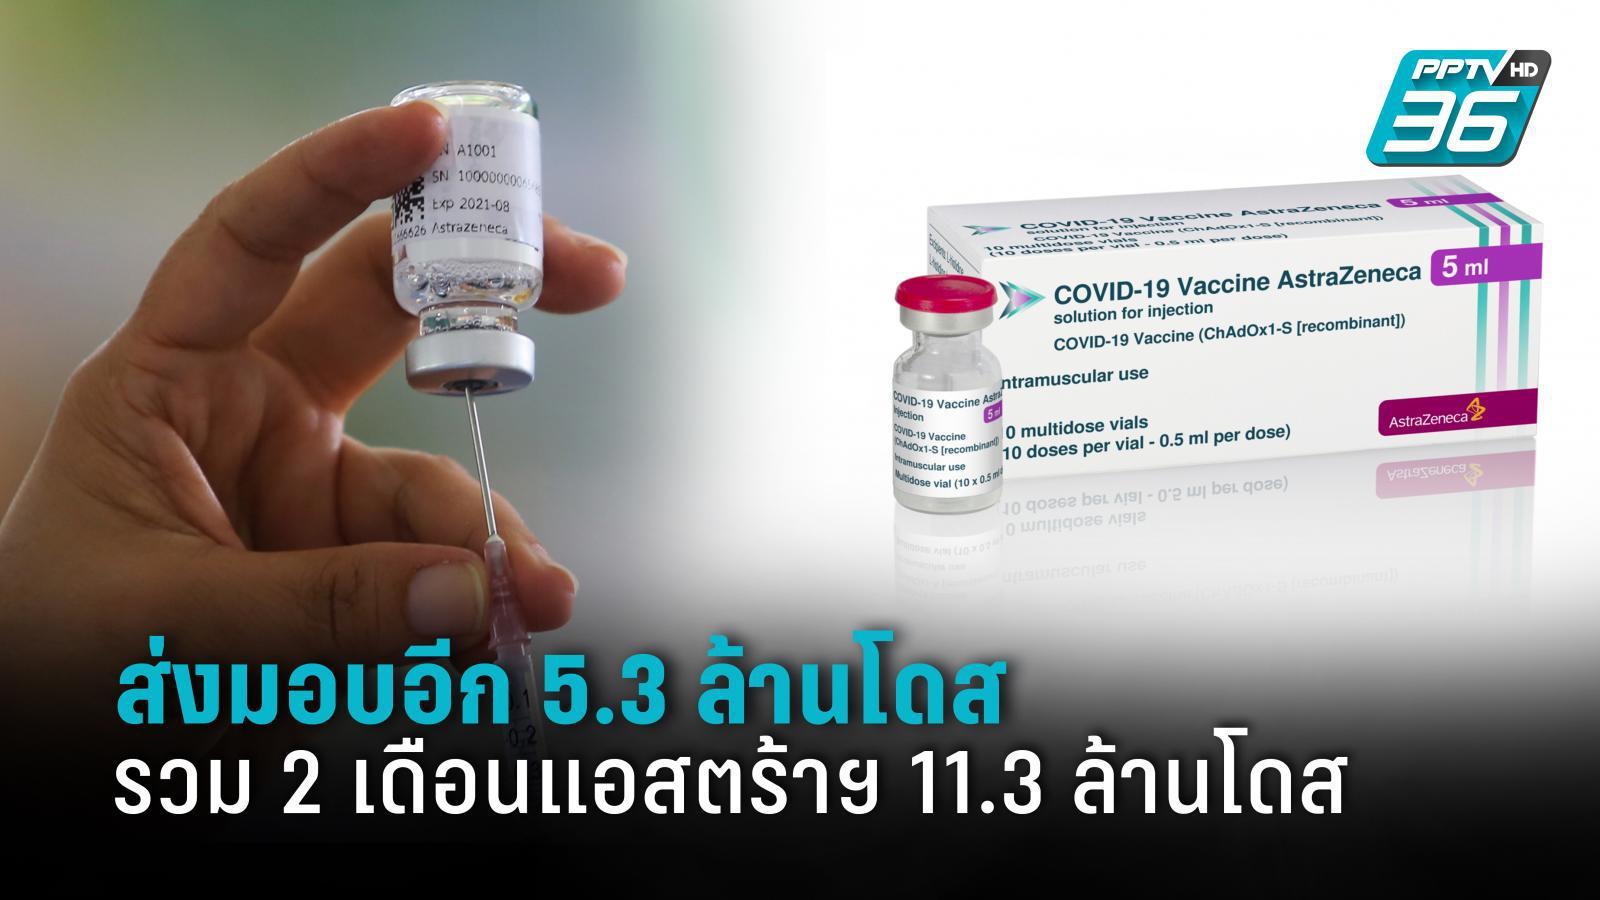 เดือน ก.ค. แอสตร้าเซเนก้าส่งมอบไทย อีก 5.3 ล้านโดส